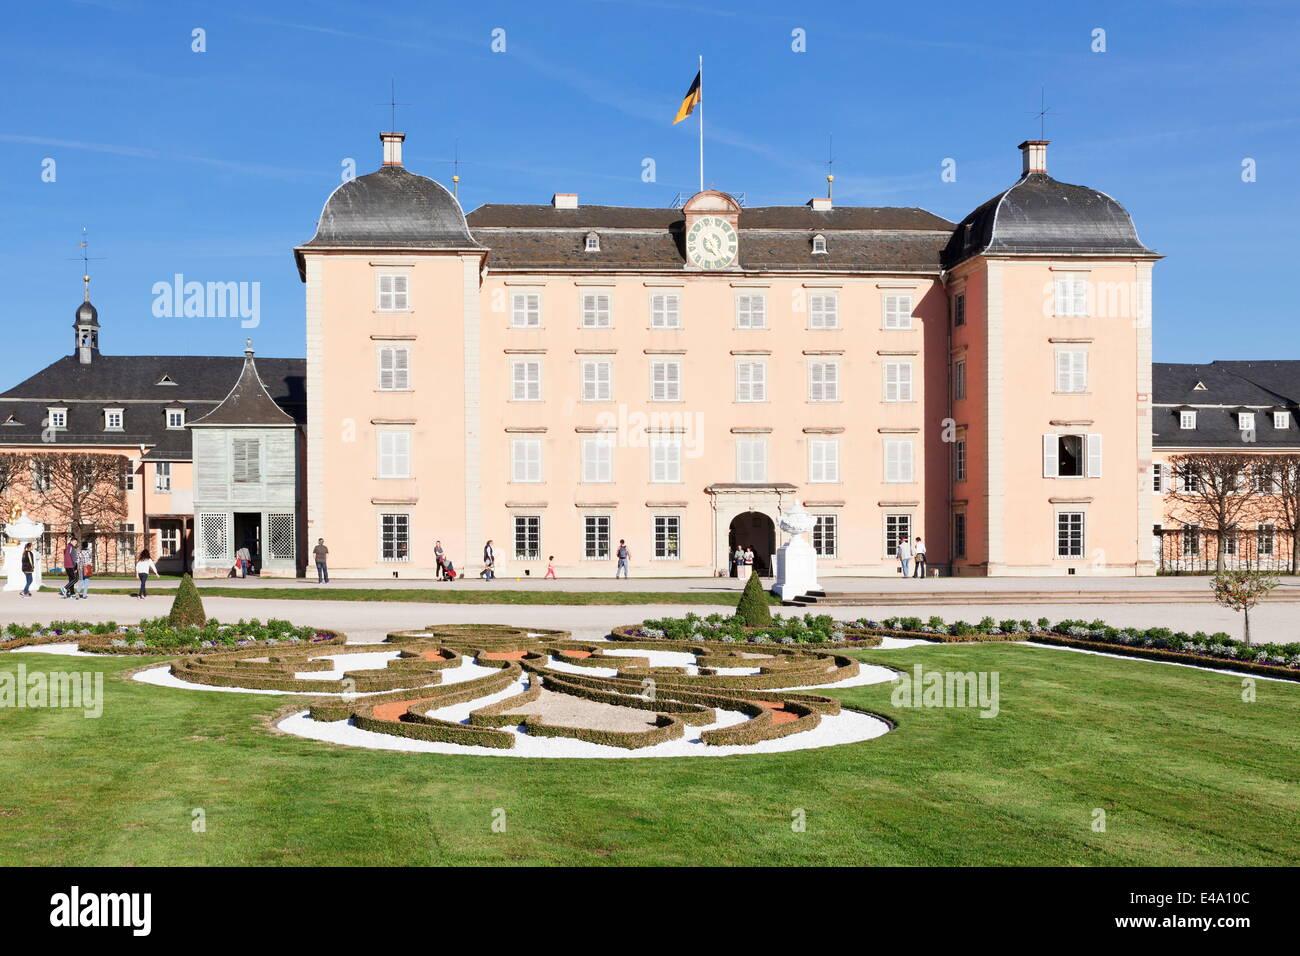 Schloss Schwetzingen Palace, Palace Gardens, Schwetzingen, Baden Wurttemberg, Germany, Europe - Stock Image